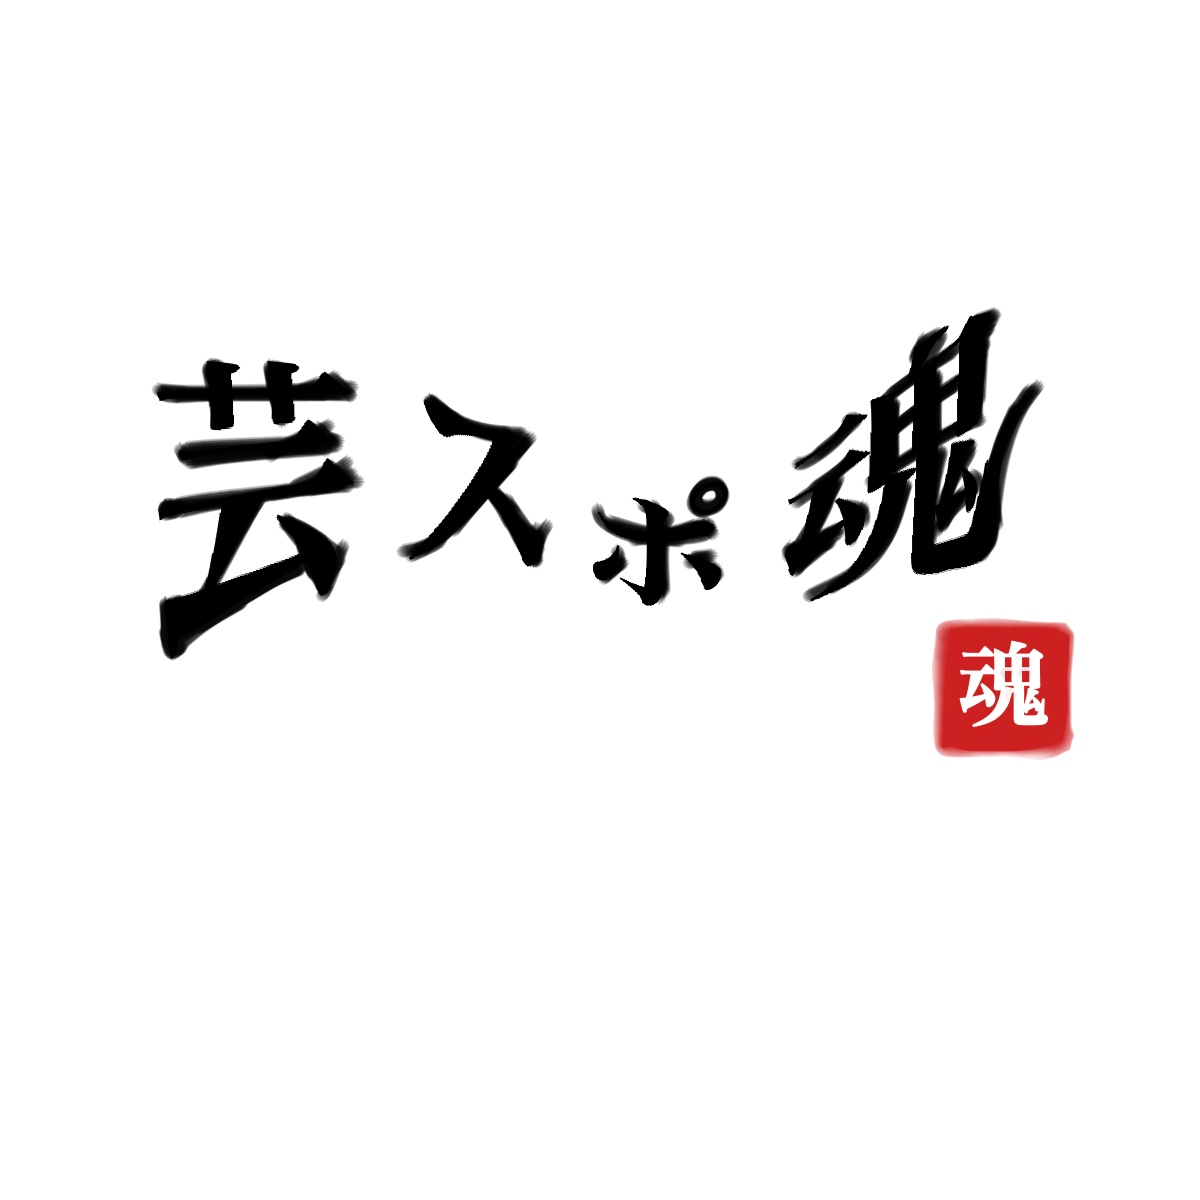 今日和(相撲)|プロフィール・身長体重が判明。立命館大学卒業後は?